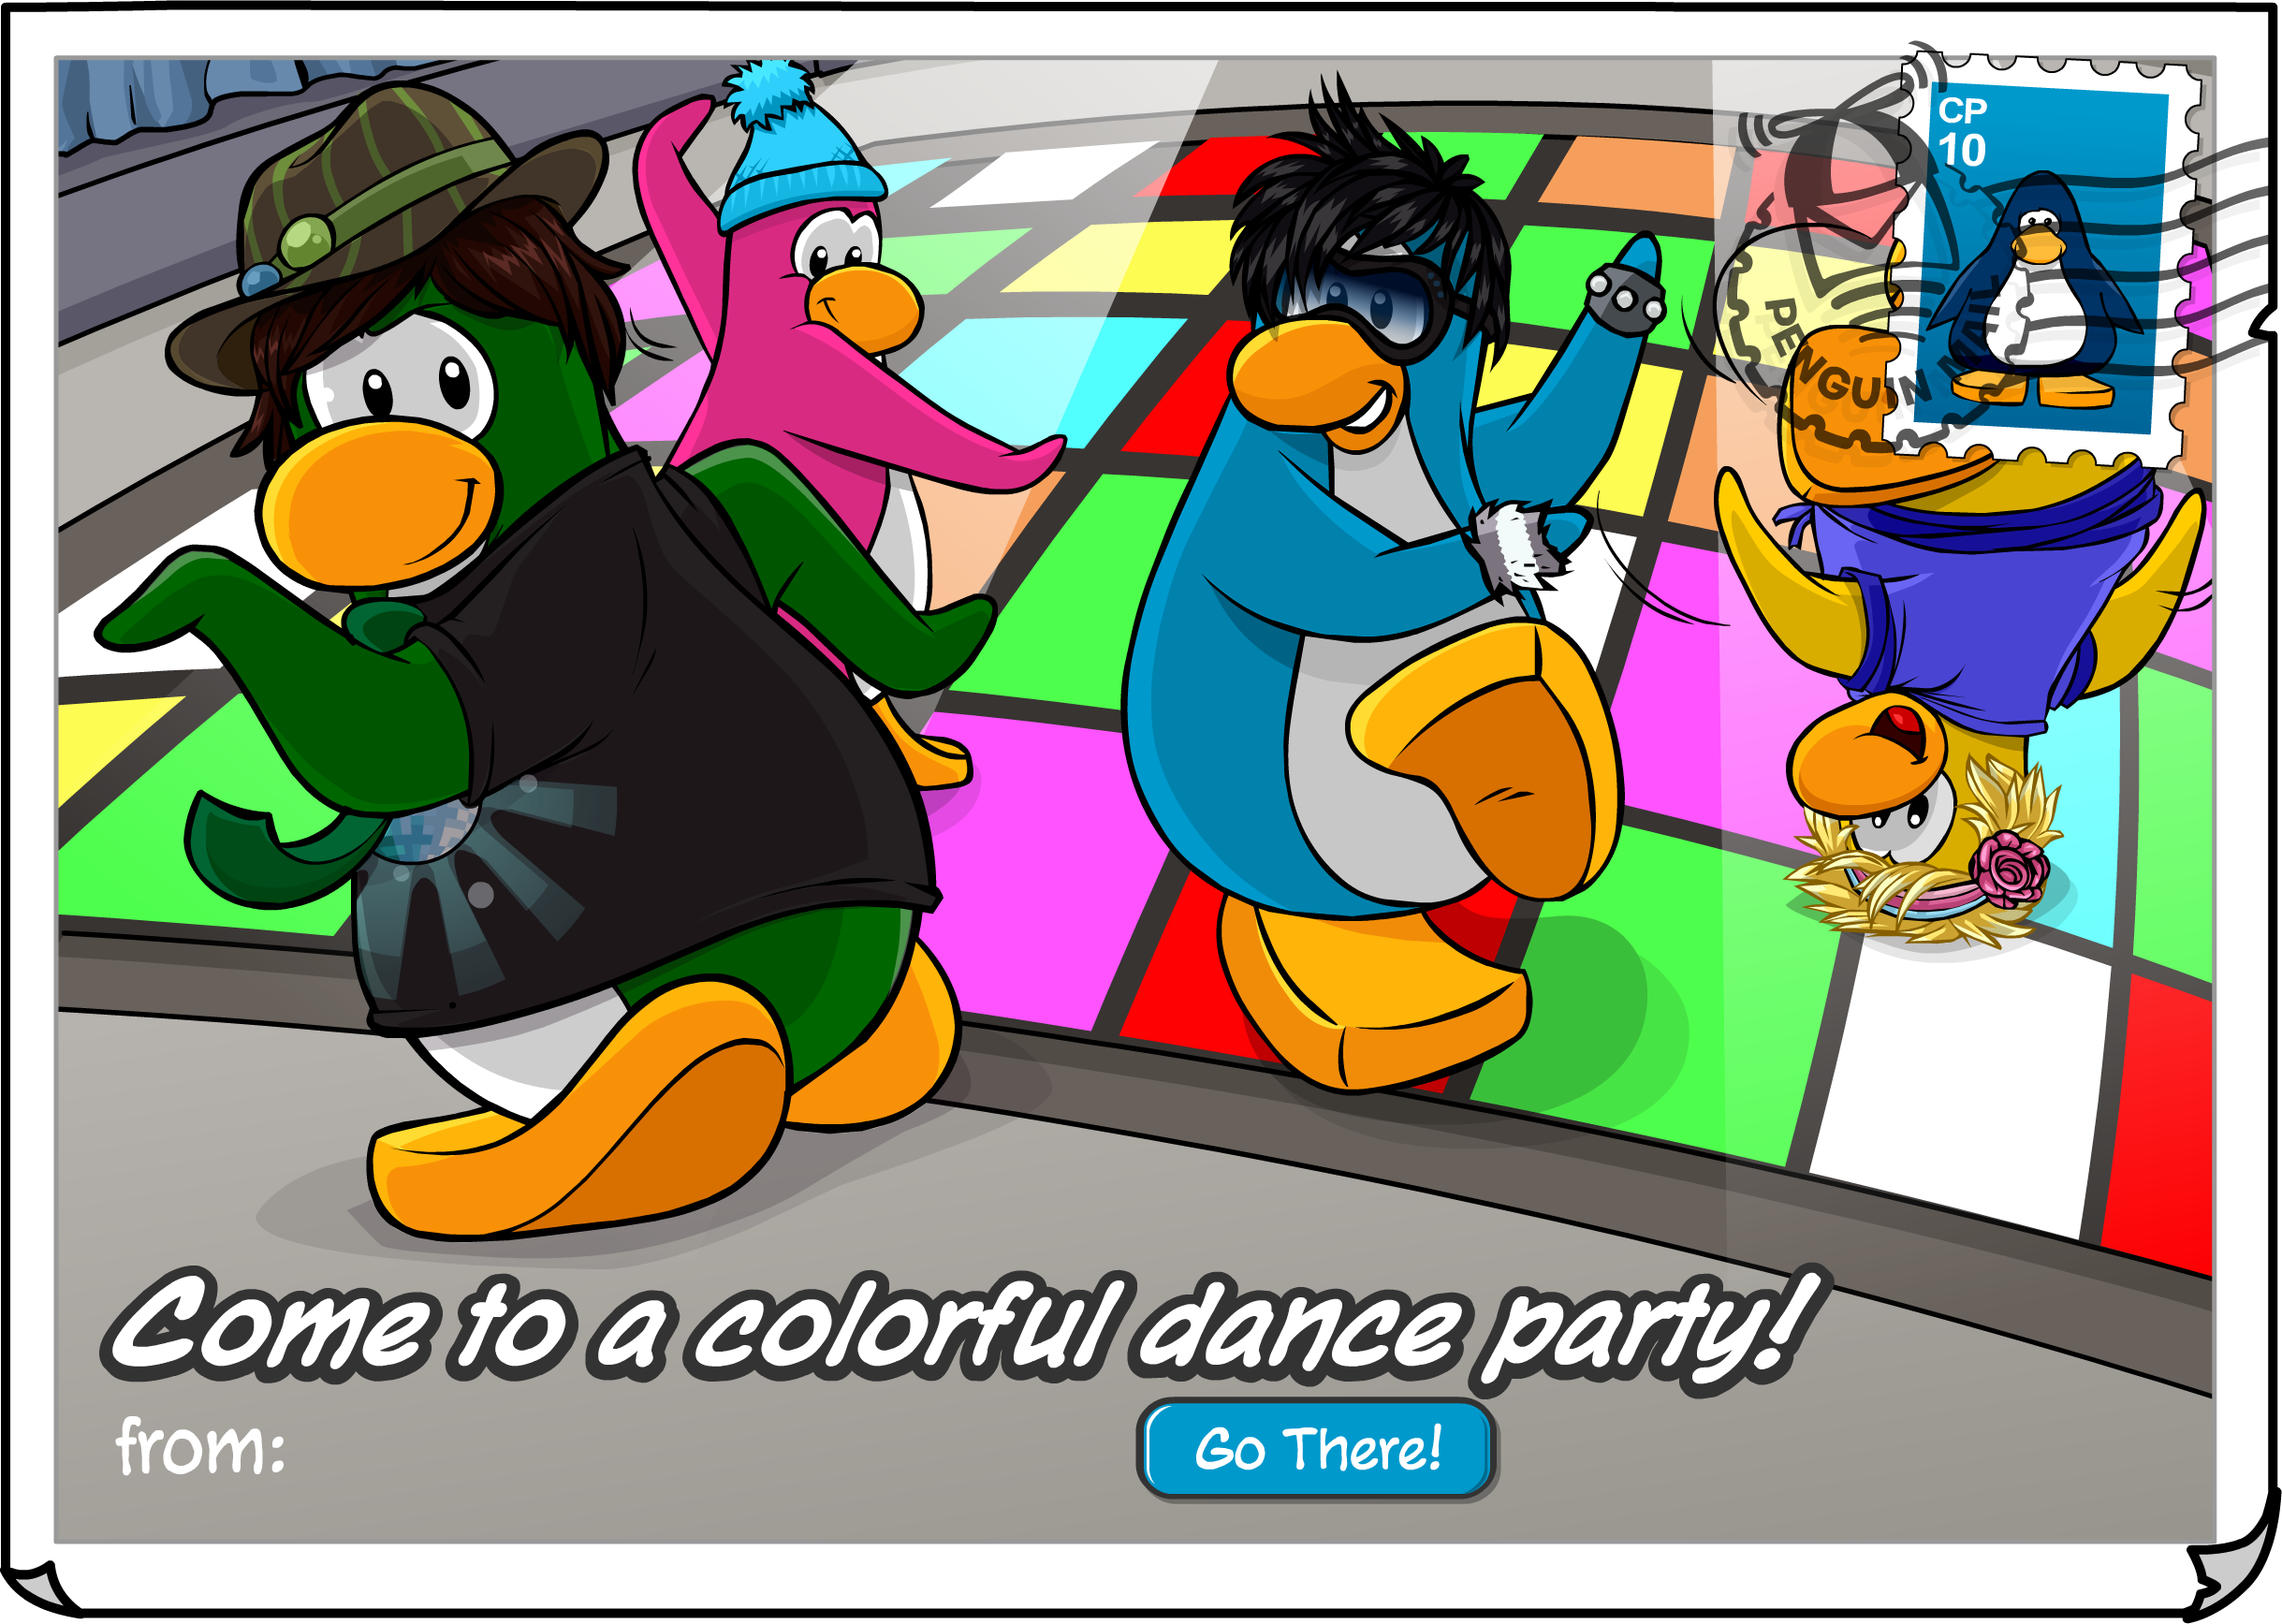 Dance Party Postcard